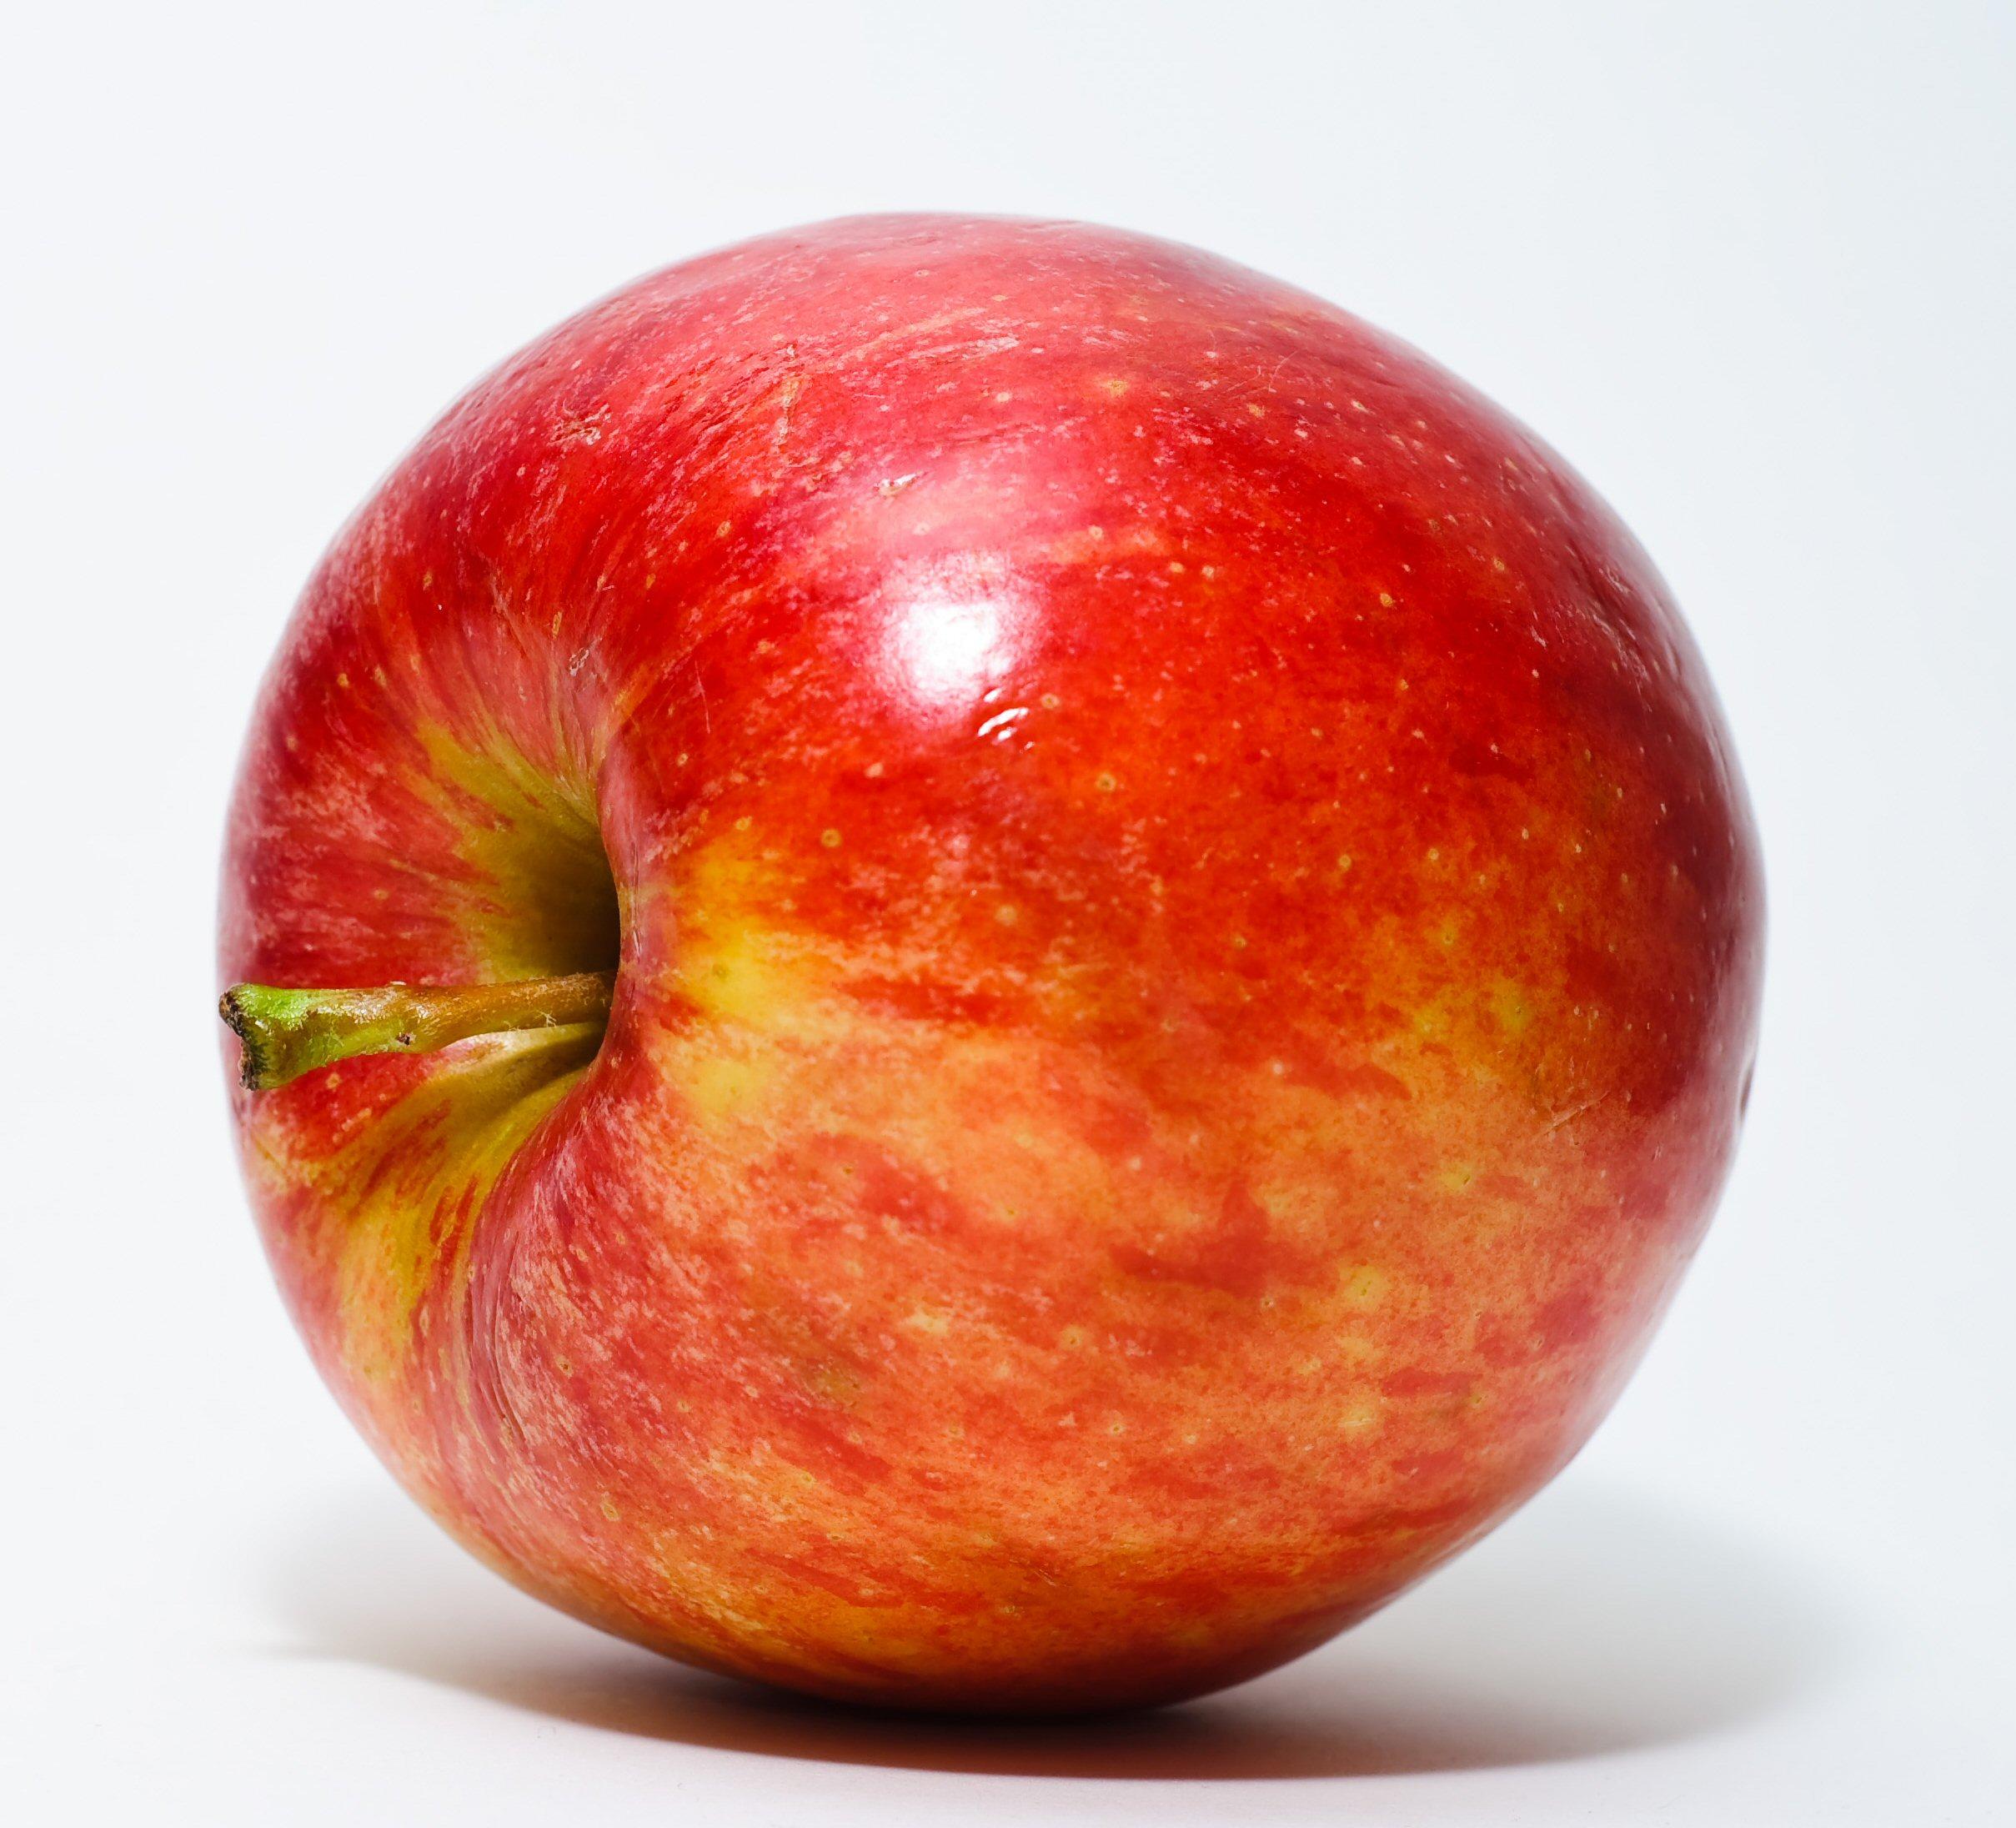 सेब खाने के फायदे और रोगो में प्रयोग